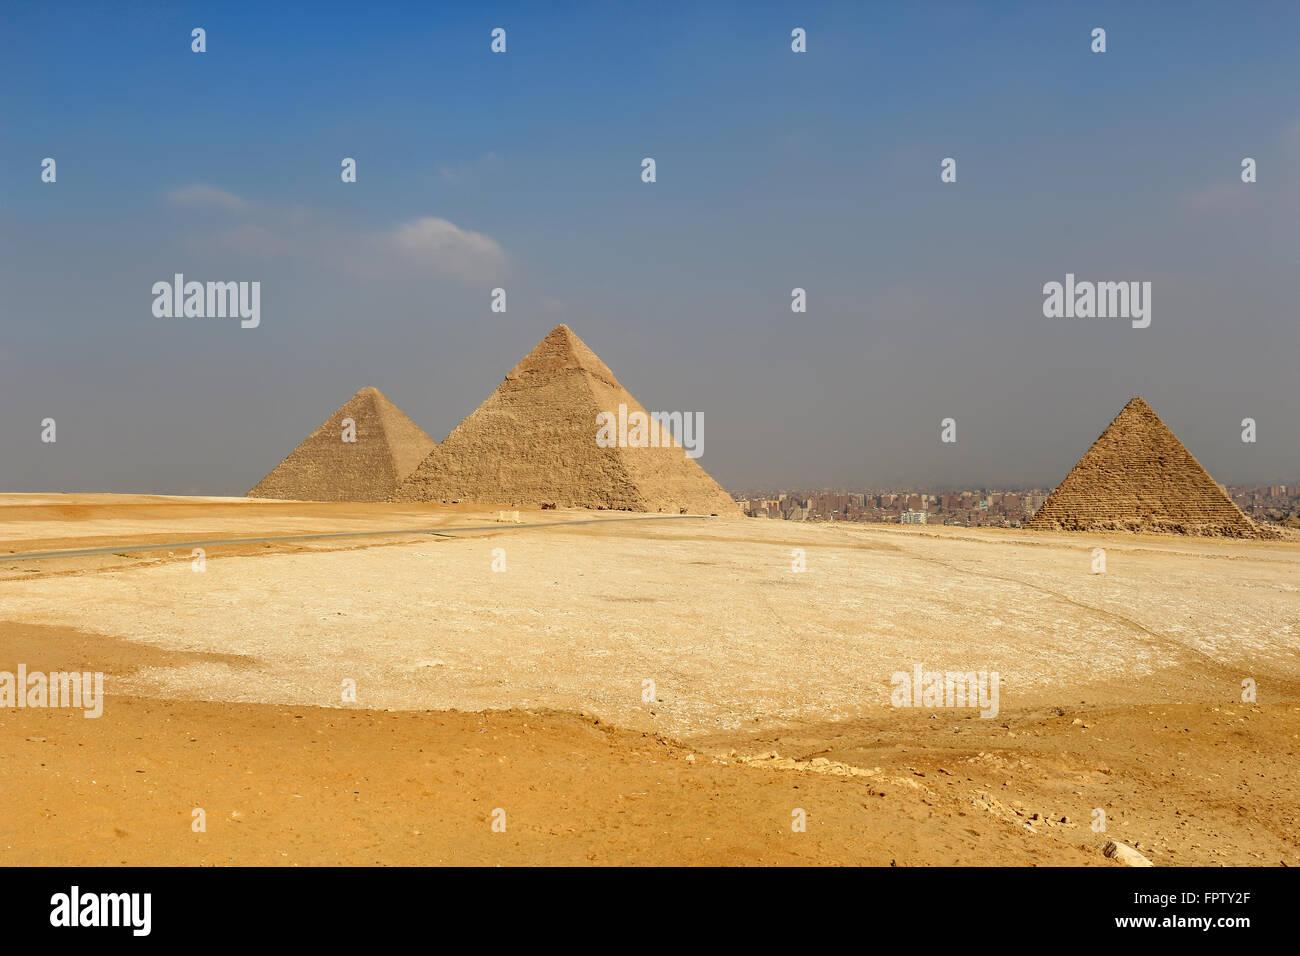 Les Pyramides de Gizeh, des structures de l'ancienne Egypte dans le sable doré du désert avec Le Caire Photo Stock